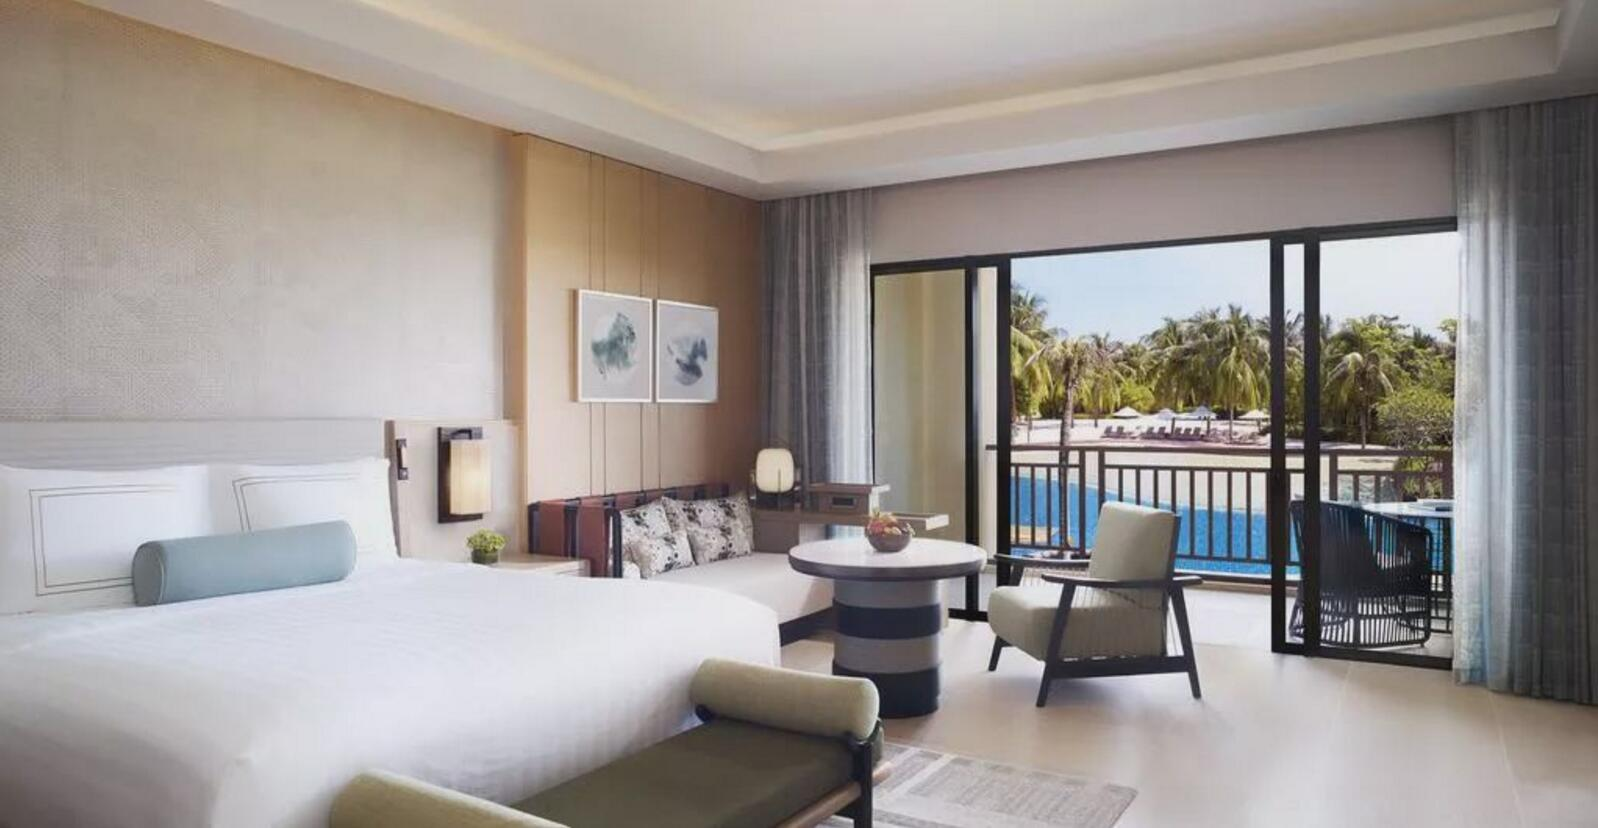 酒店地板材料用什么牌子比较好?